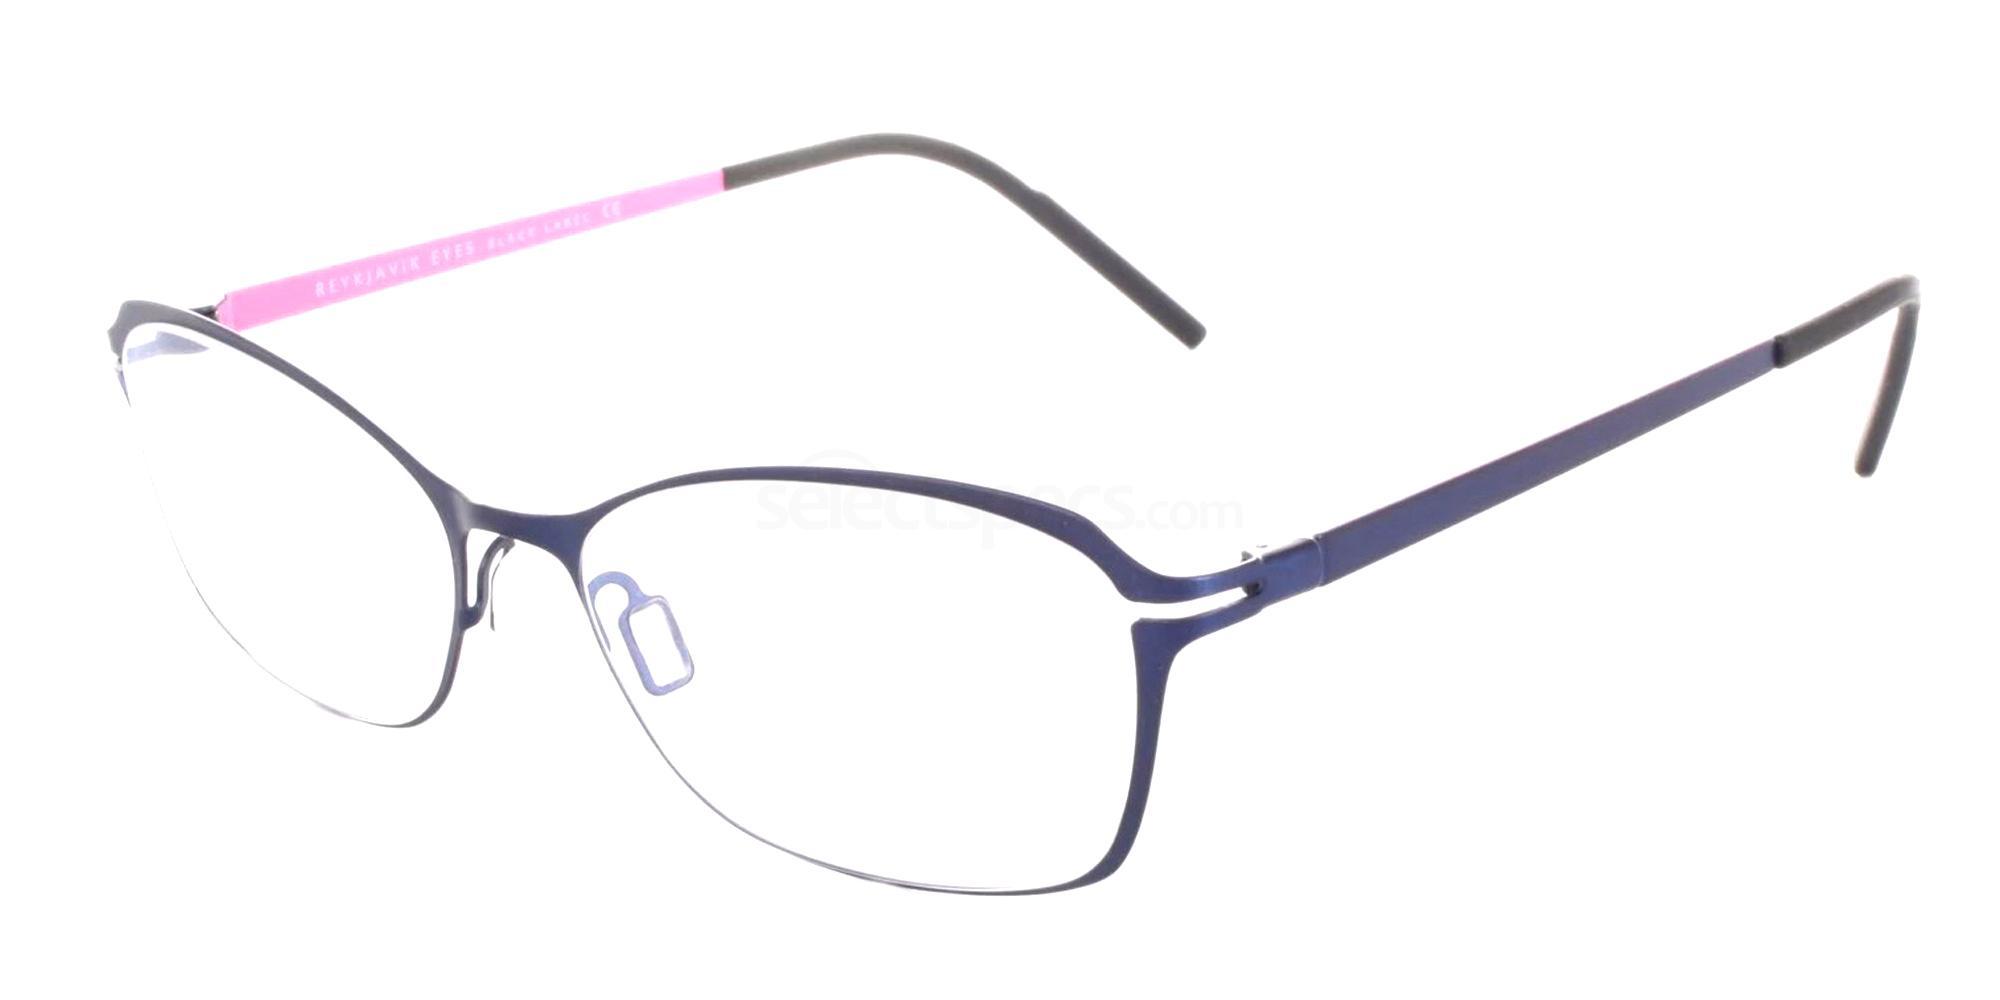 C3 DELLING Glasses, Reykjavik Eyes Black Label